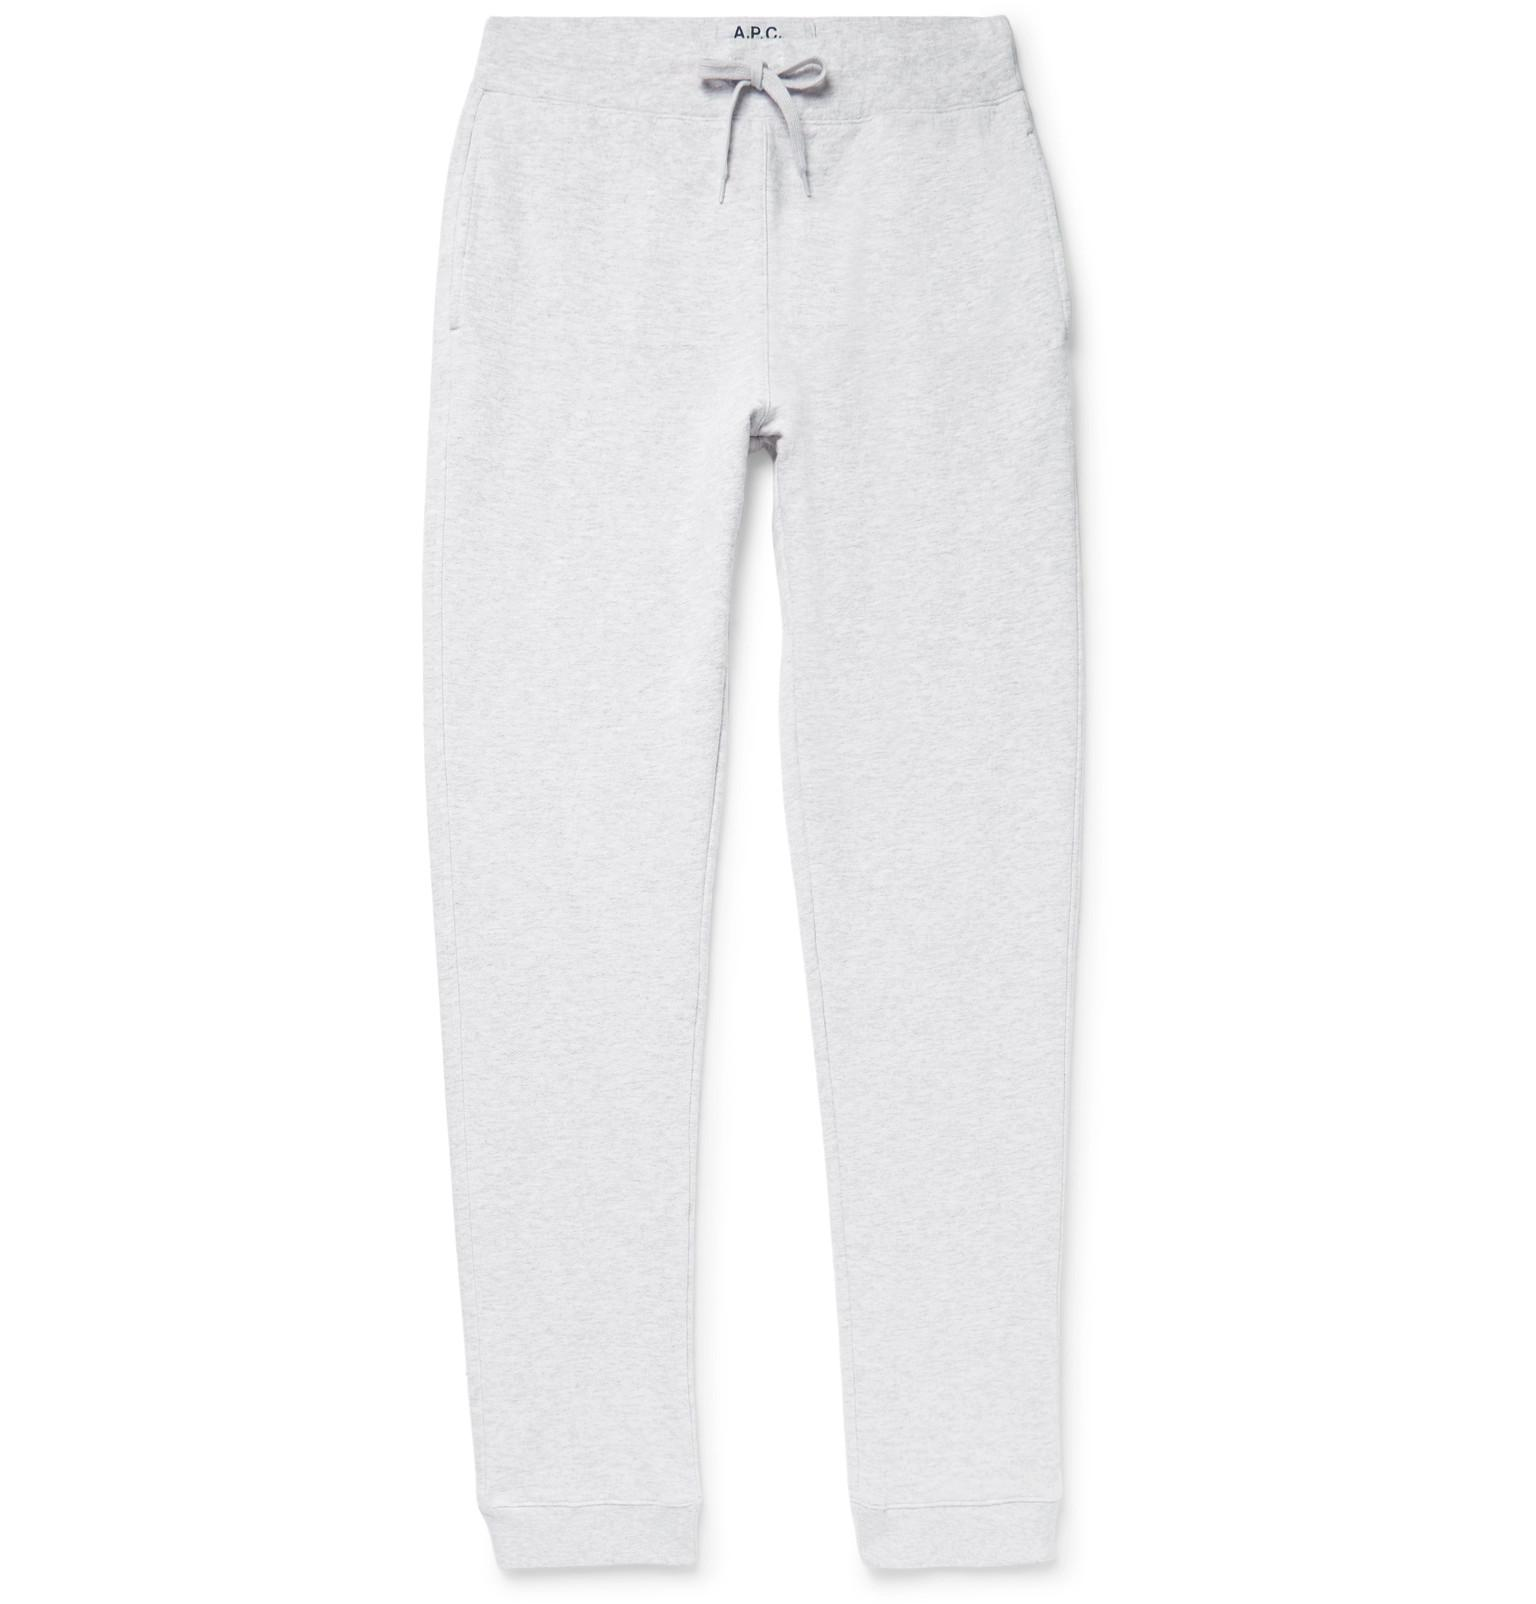 A.P.C Tapered Mélange Loopback Cotton-blend Jersey Sweatpants - Gray Qualité Supérieure En Ligne Vente Pas Cher Grande Vente Pas Cher Vente En Ligne Le Plus Récent 1rNa8W